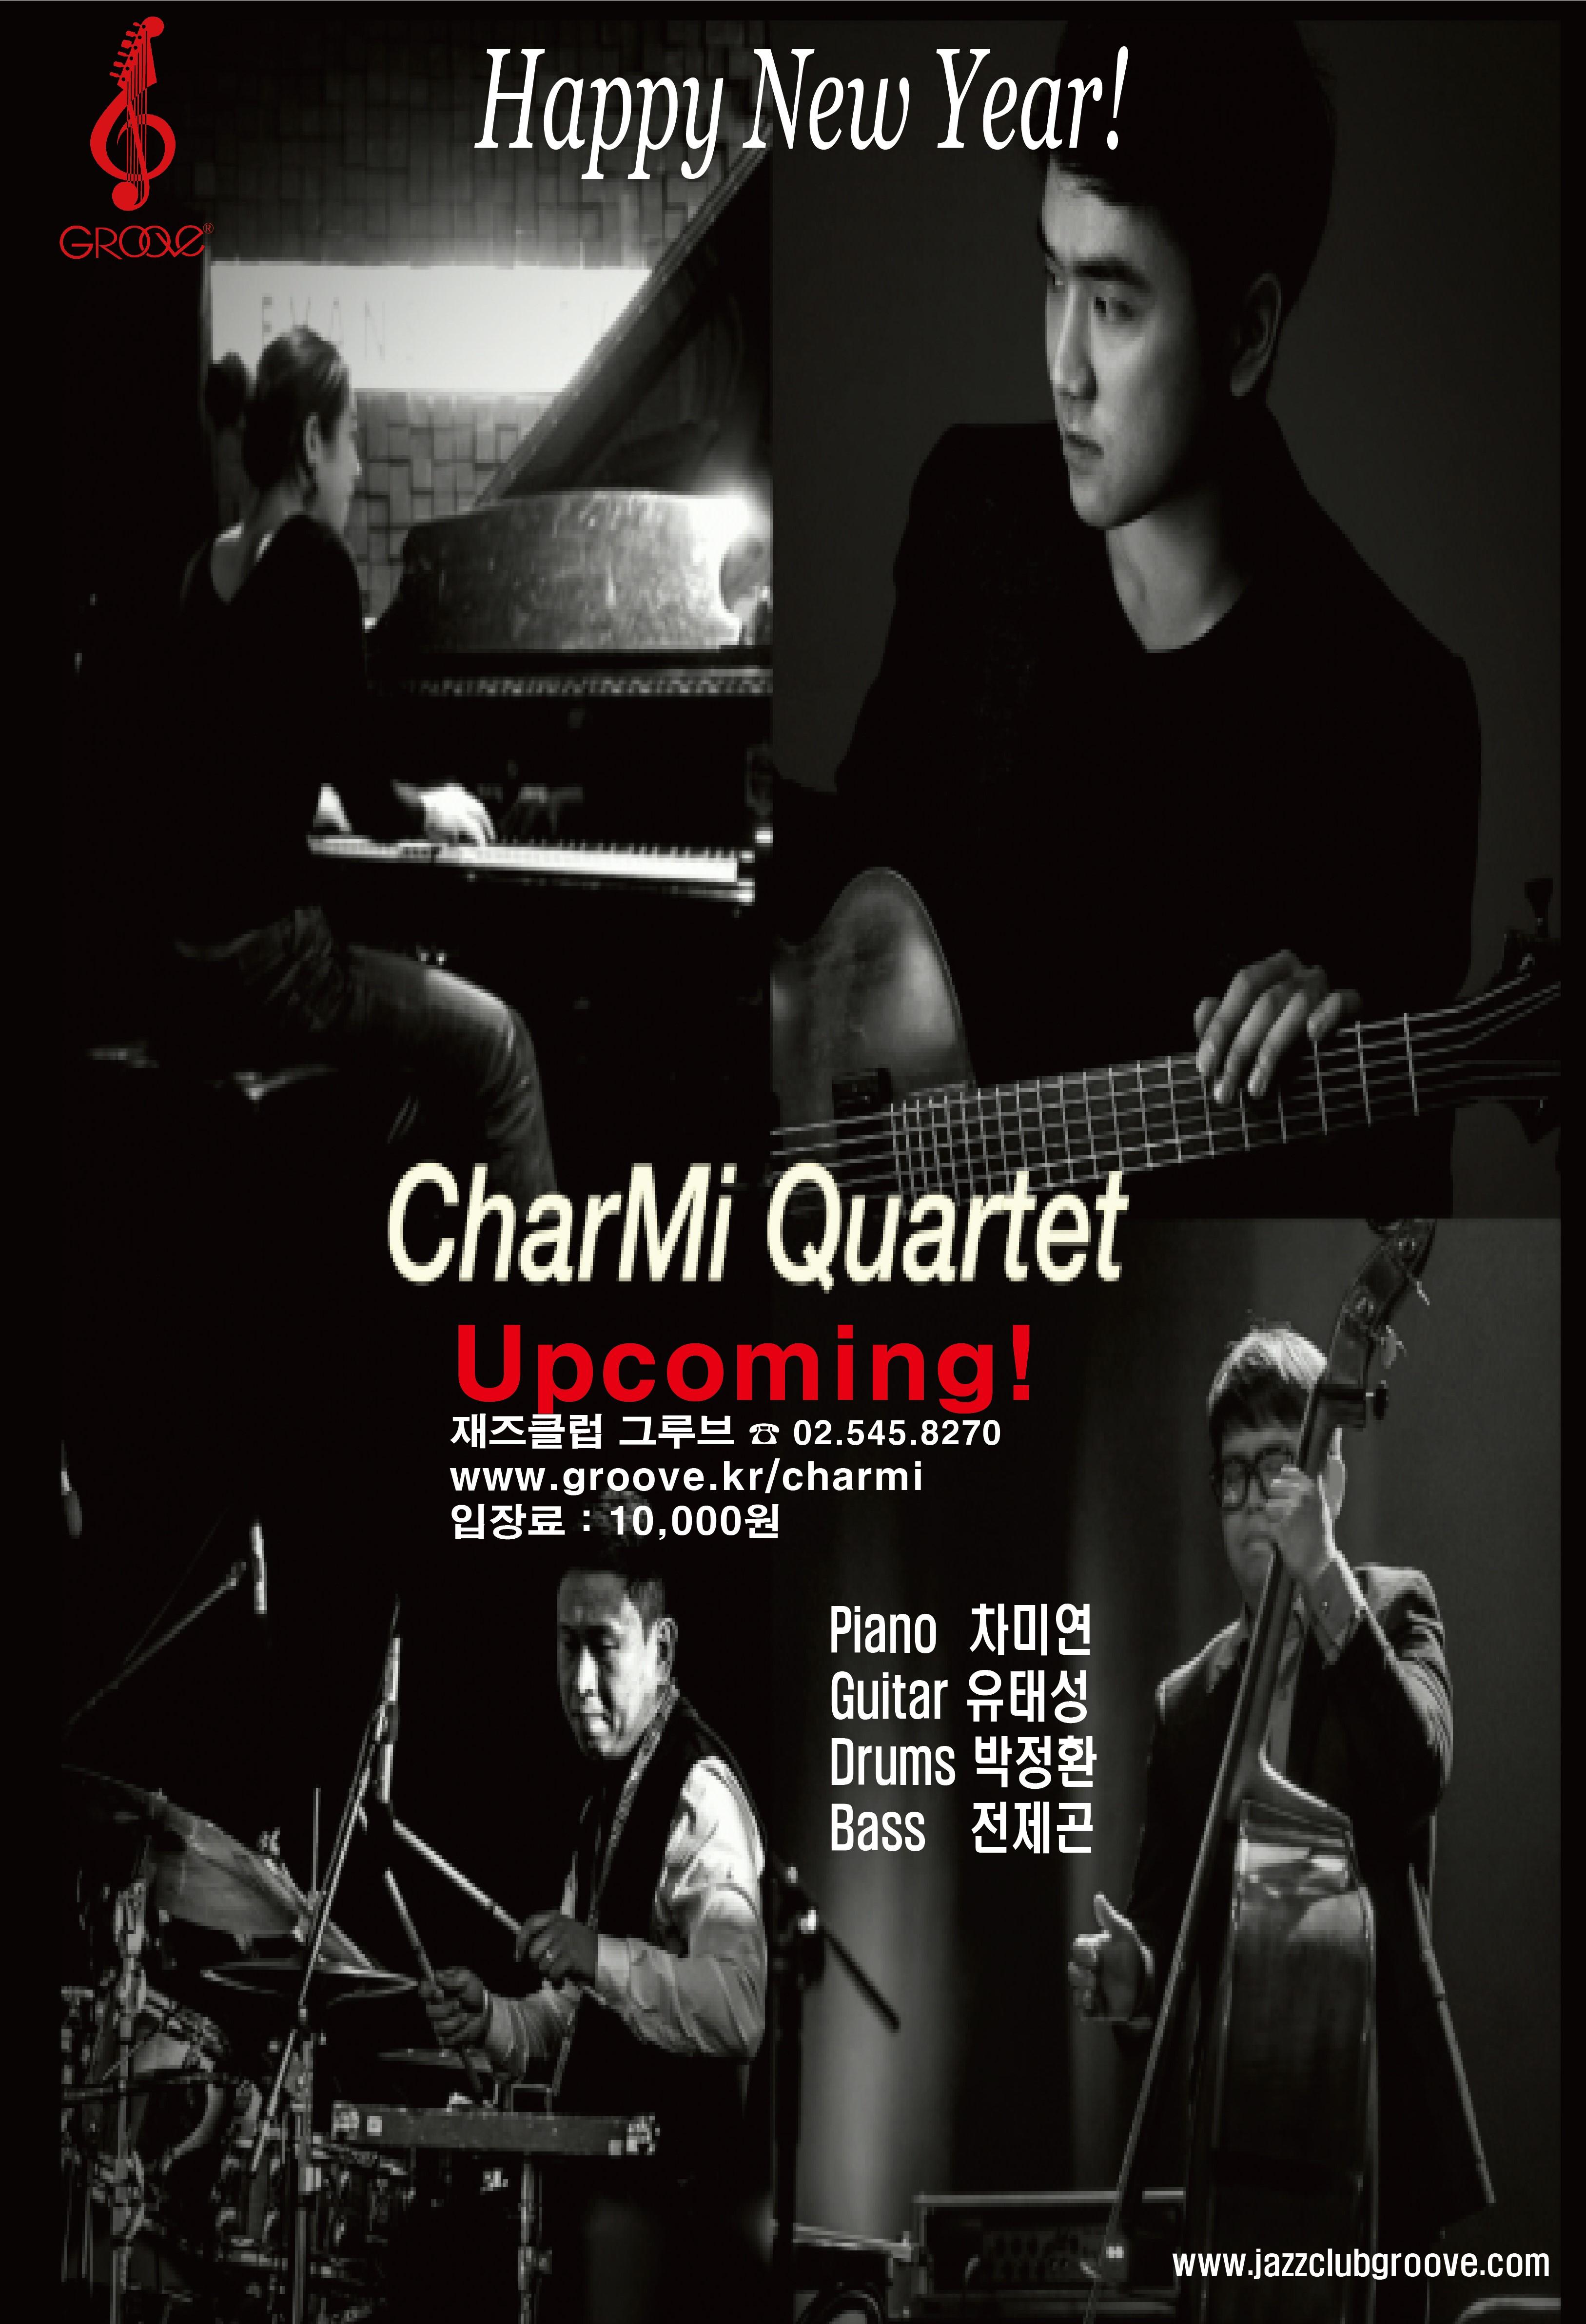 ChaMi Quartet